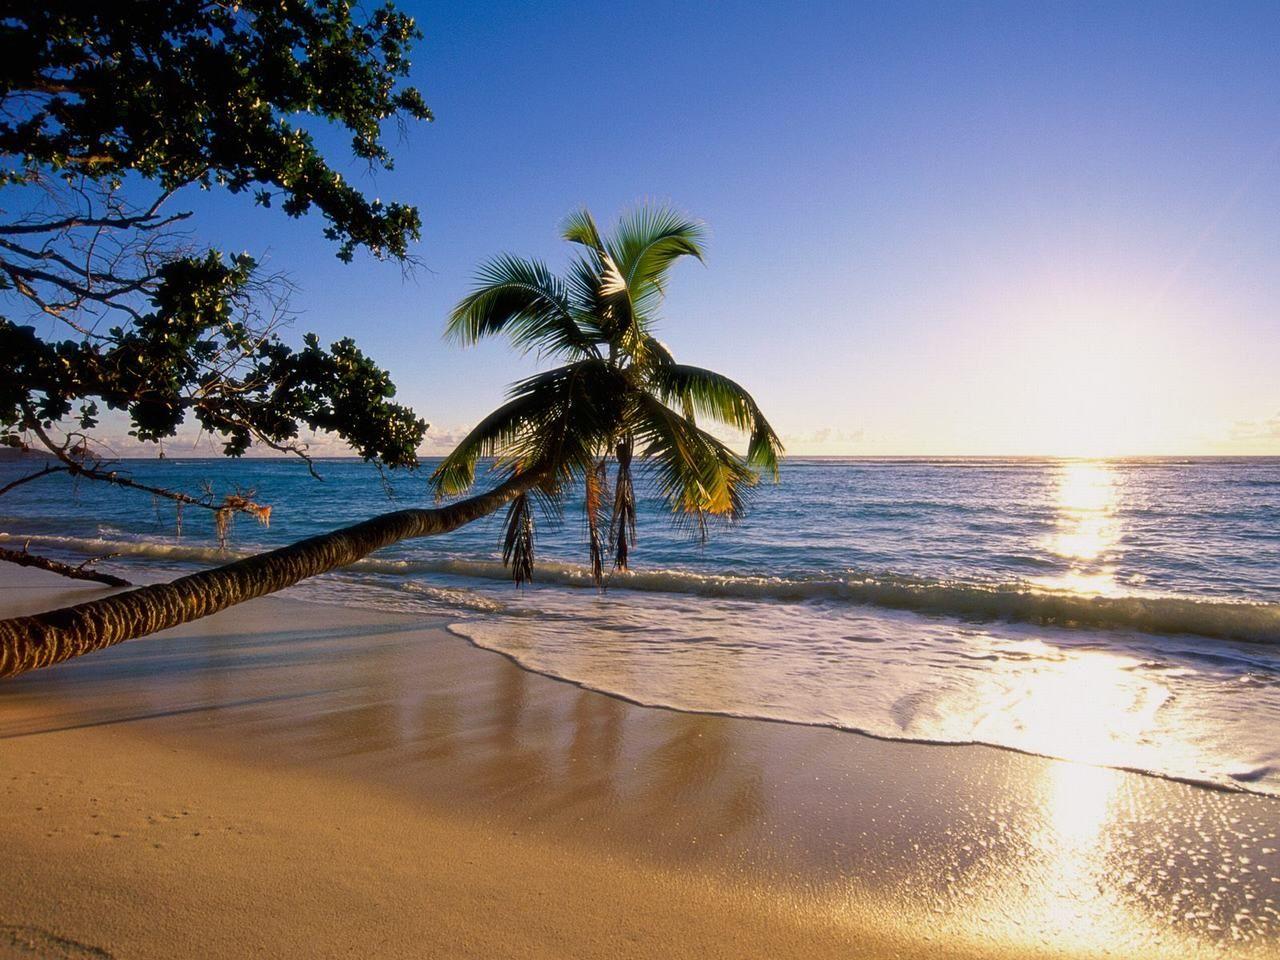 HD Hi Res Beach Scenes Wallpaper Live Wallpapers